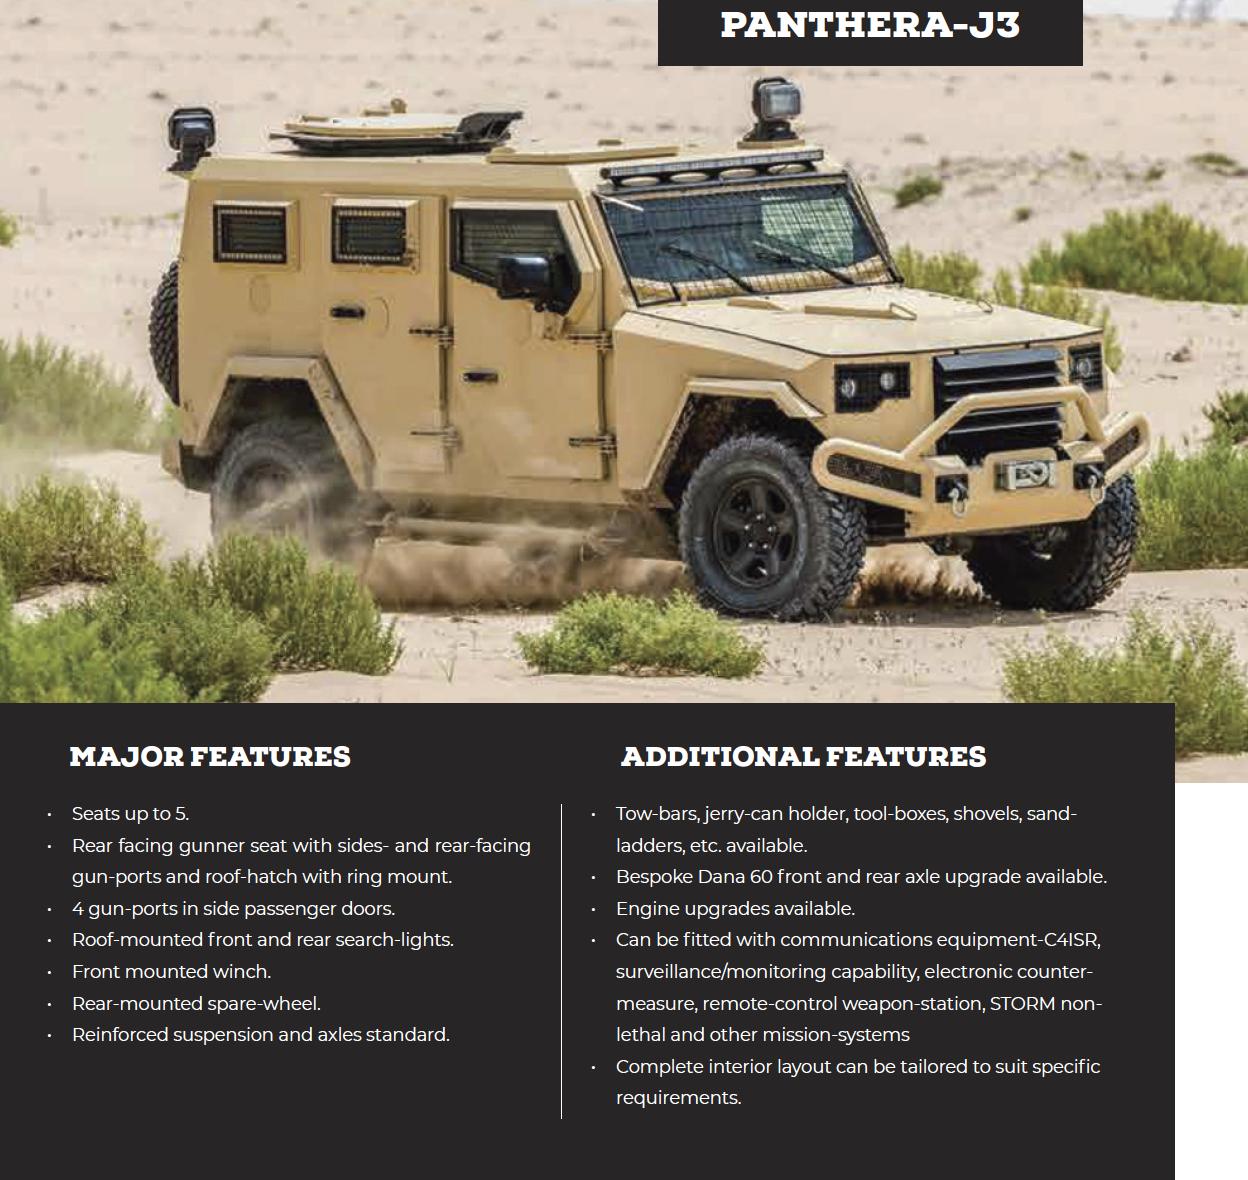 Panthera-J3